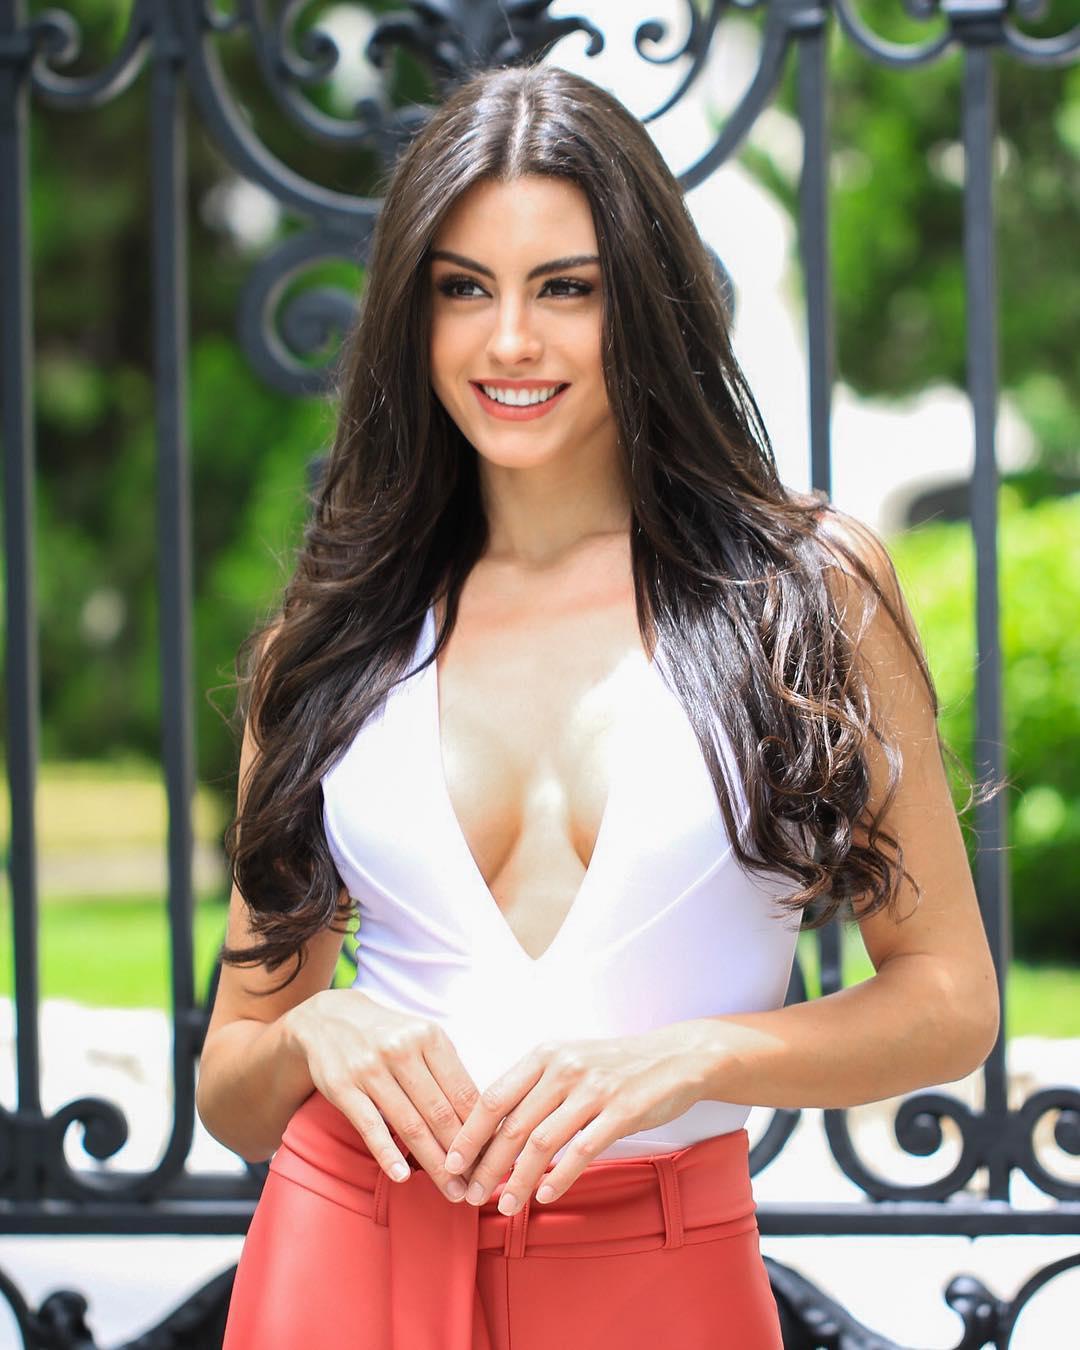 marjorie marcelle, miss grand brasil 2019. 50740911